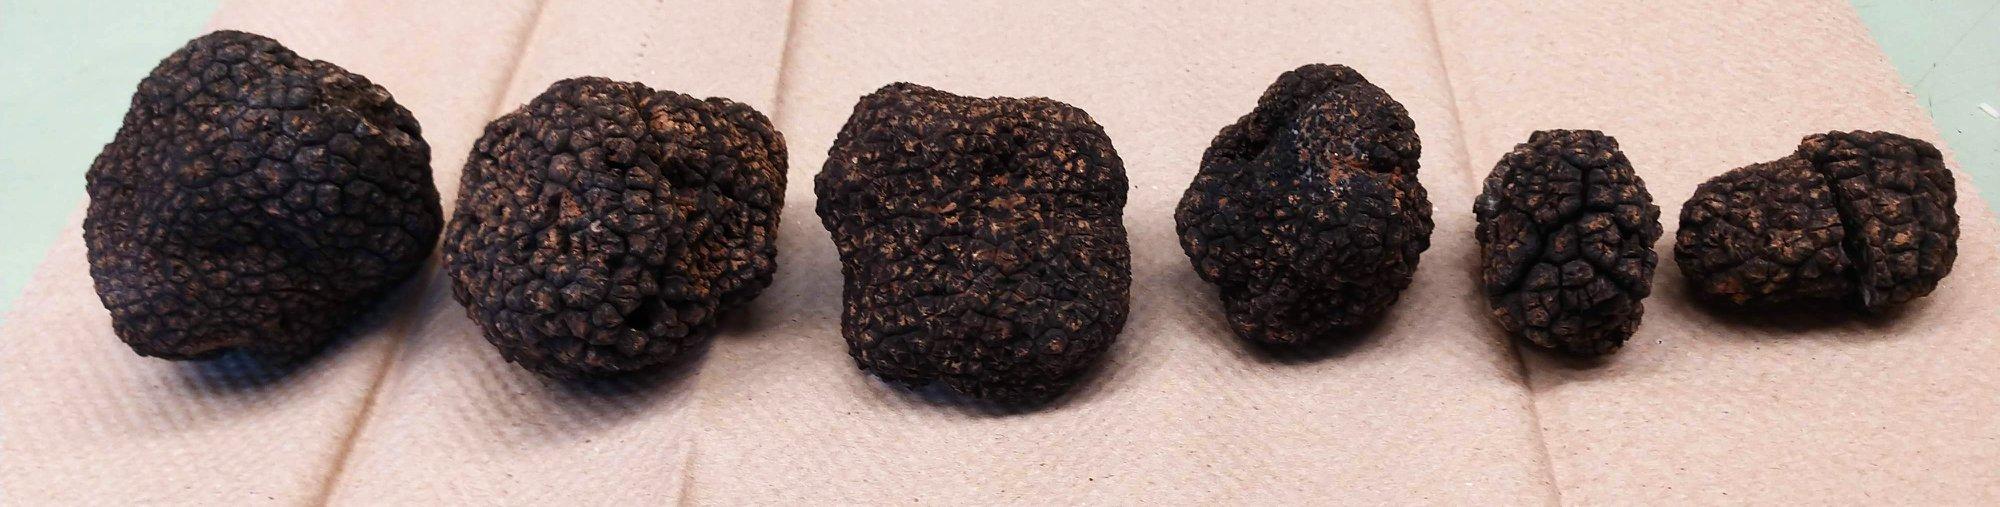 Six truffles